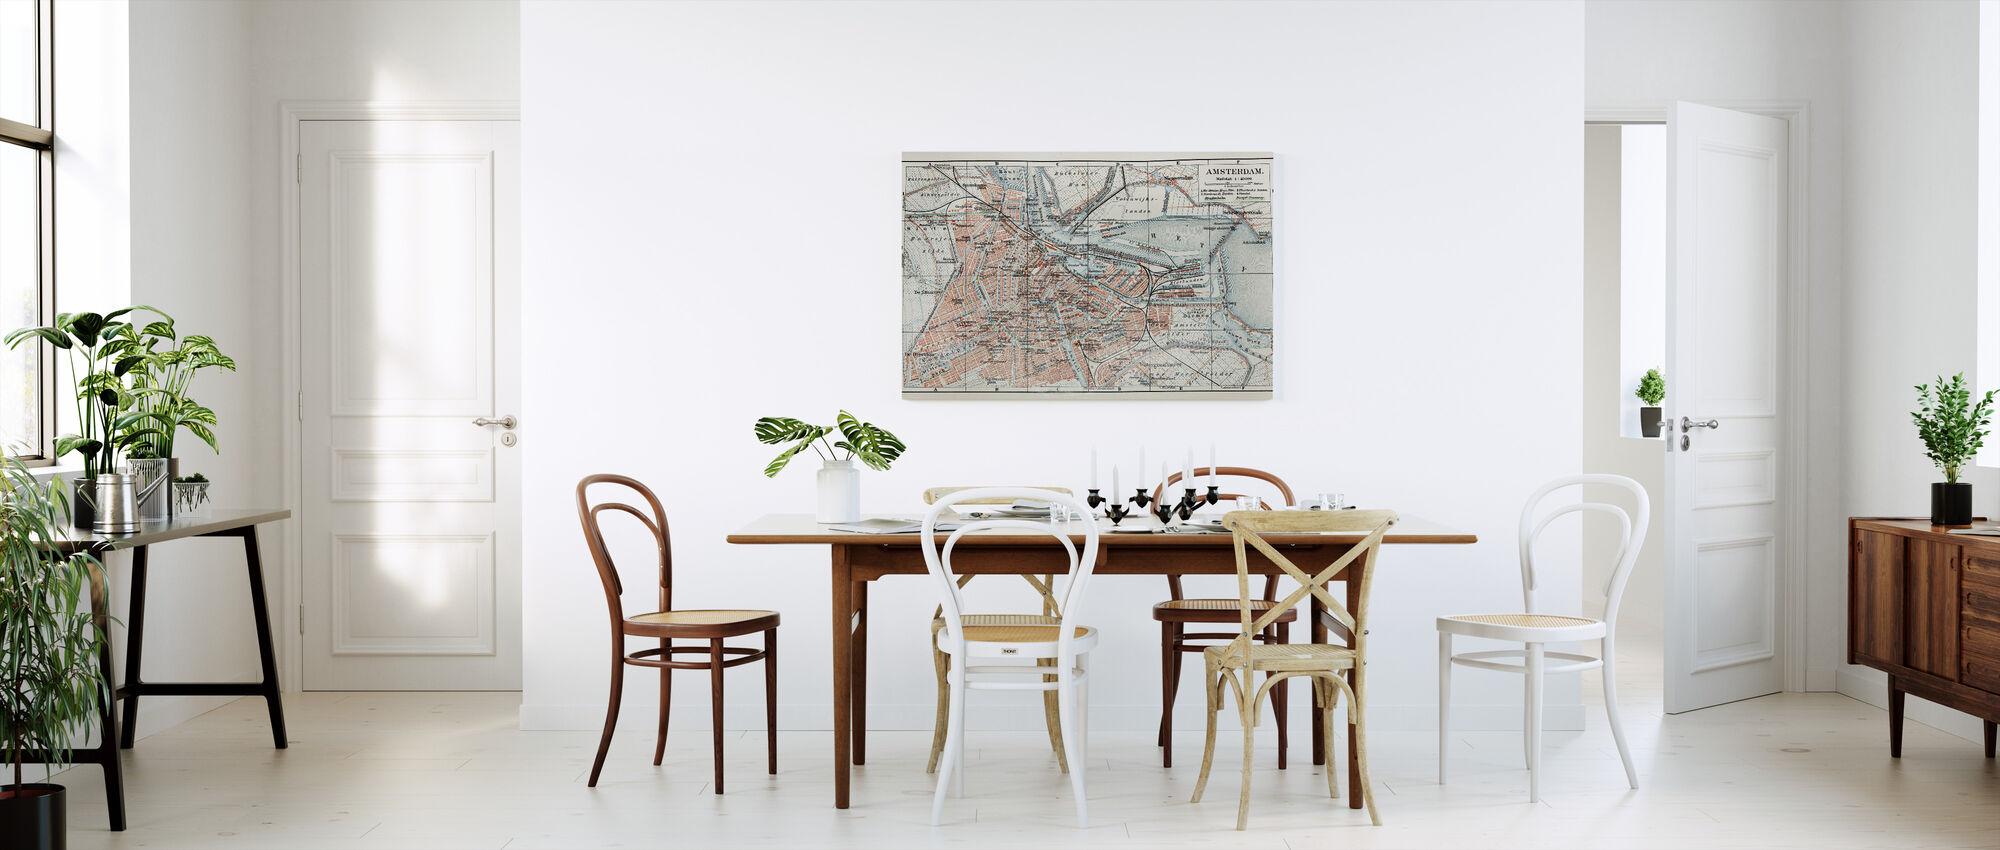 1800-talet Gamle Kart over Amsterdam City - Lerretsbilde - Kjøkken